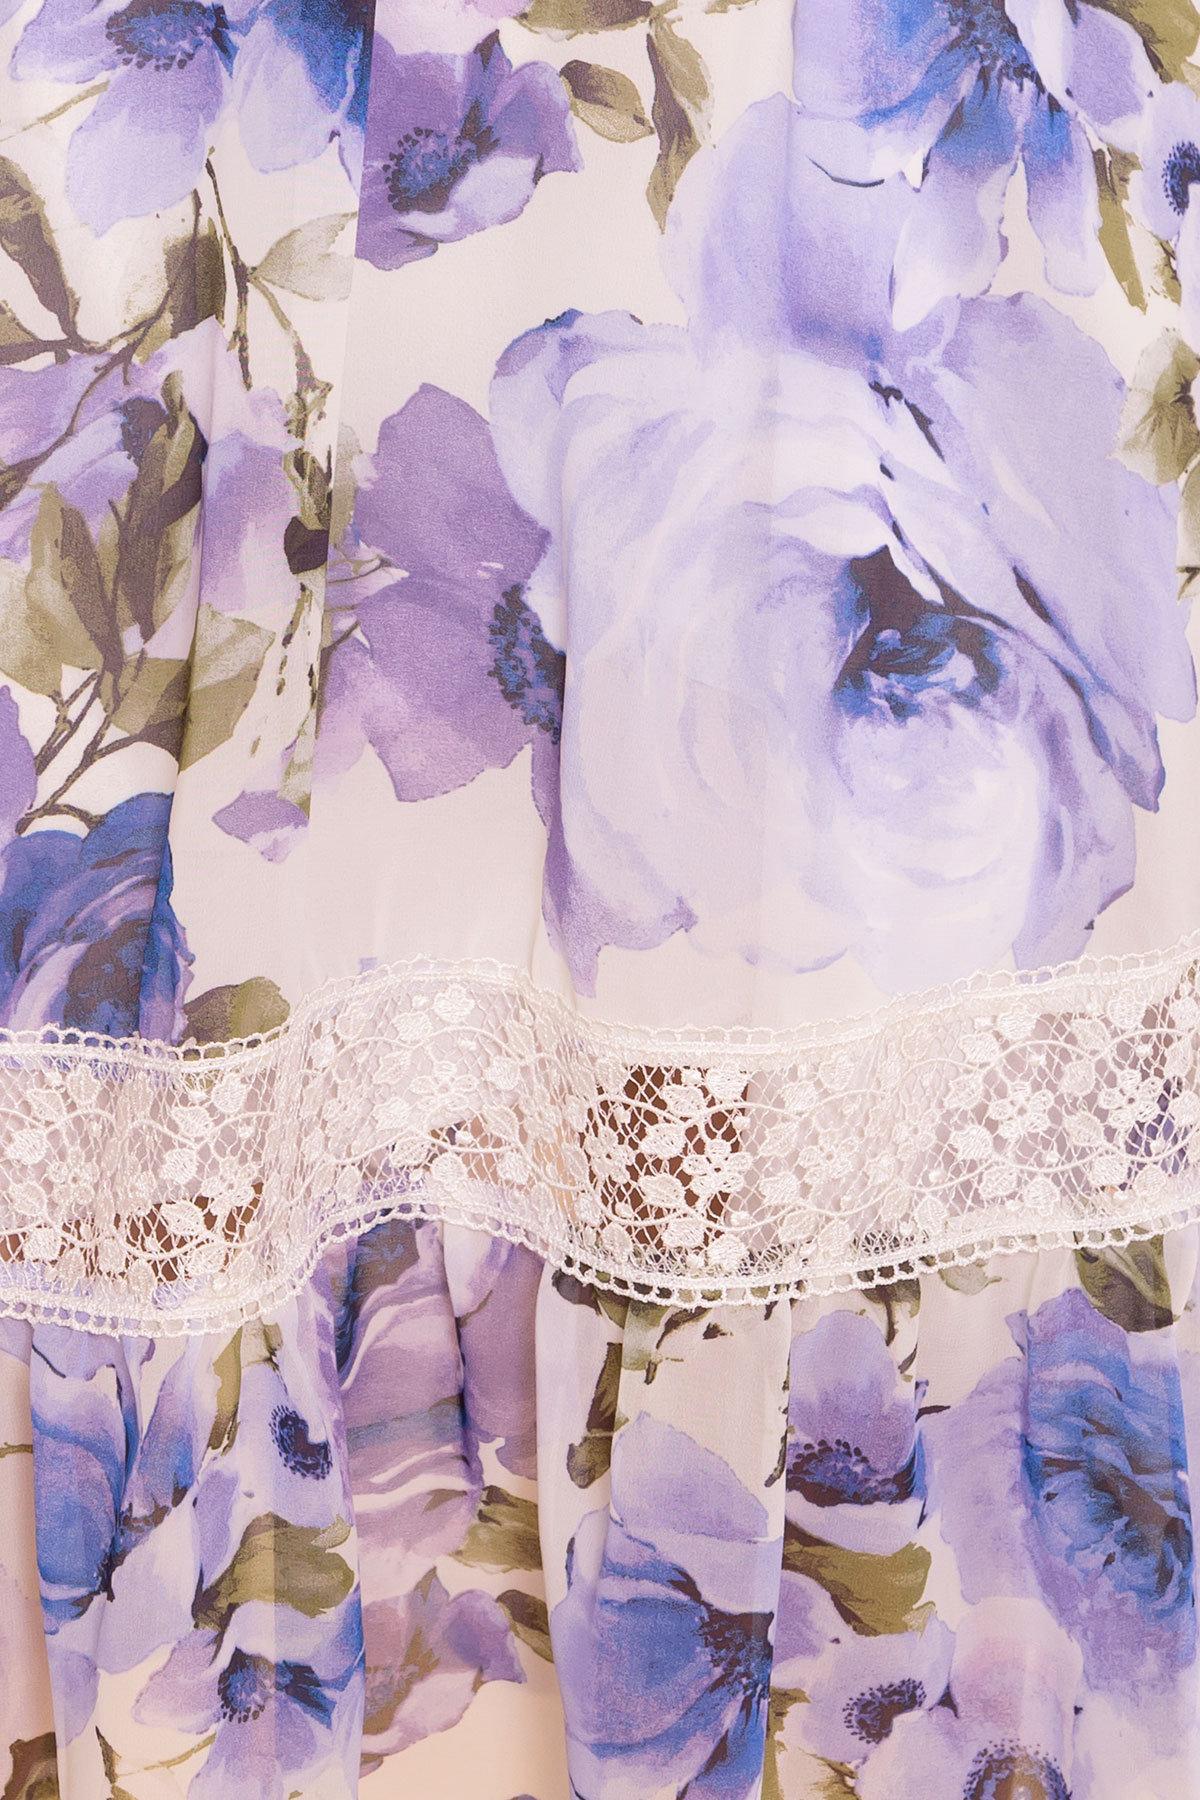 Платье Санем 6587 АРТ. 41976 Цвет: Розы молоко/голубой/молоко - фото 4, интернет магазин tm-modus.ru